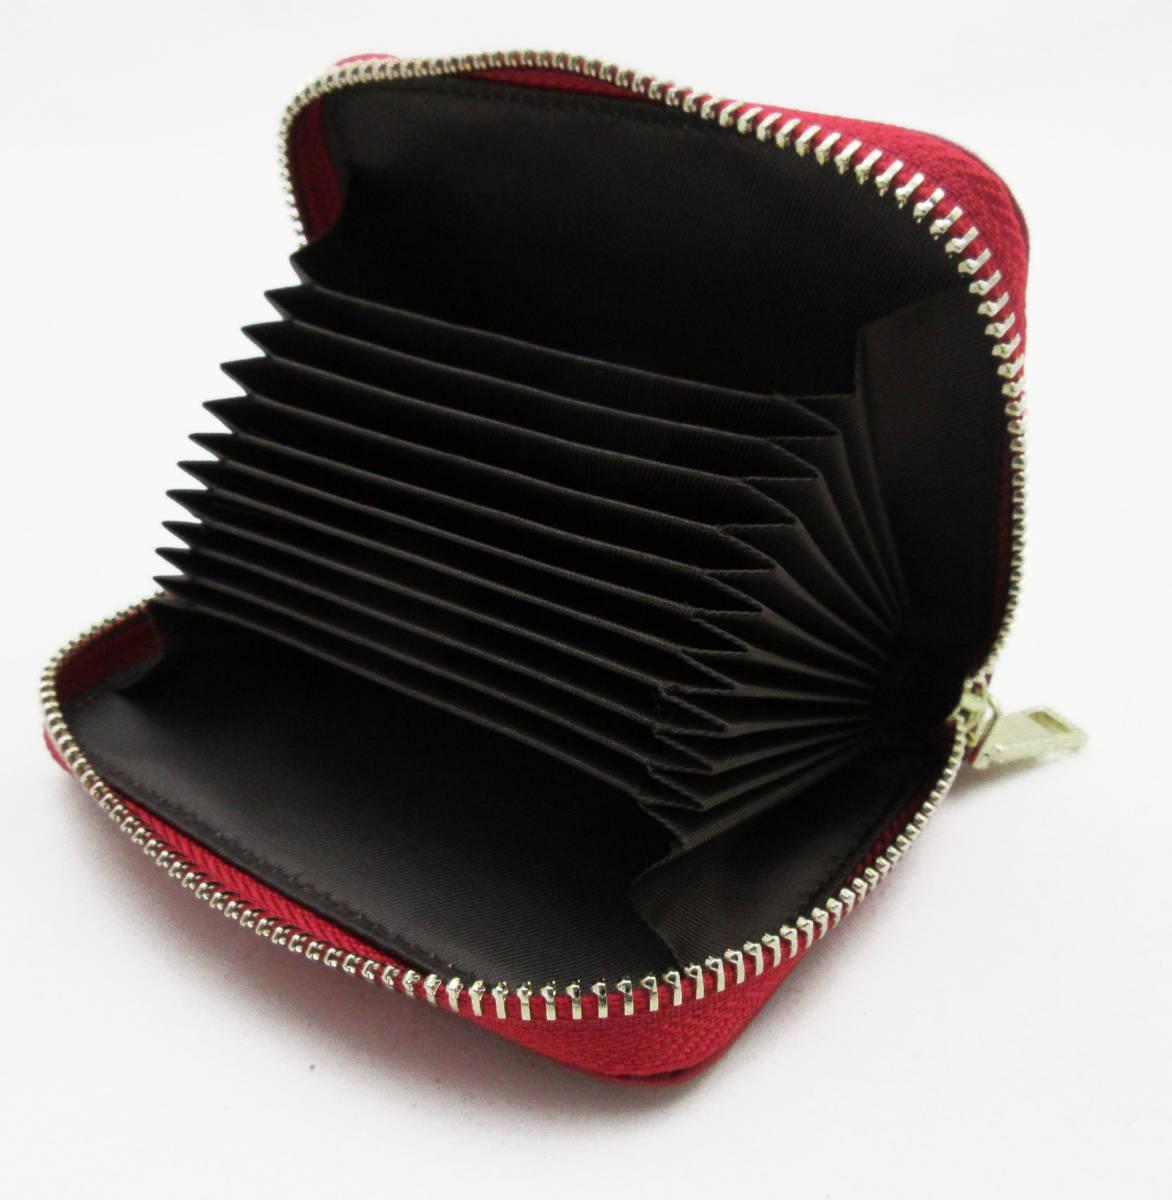 【レッド】男女共用 ジャバラ式 大量カード収納専用ケース 小型ポーチ